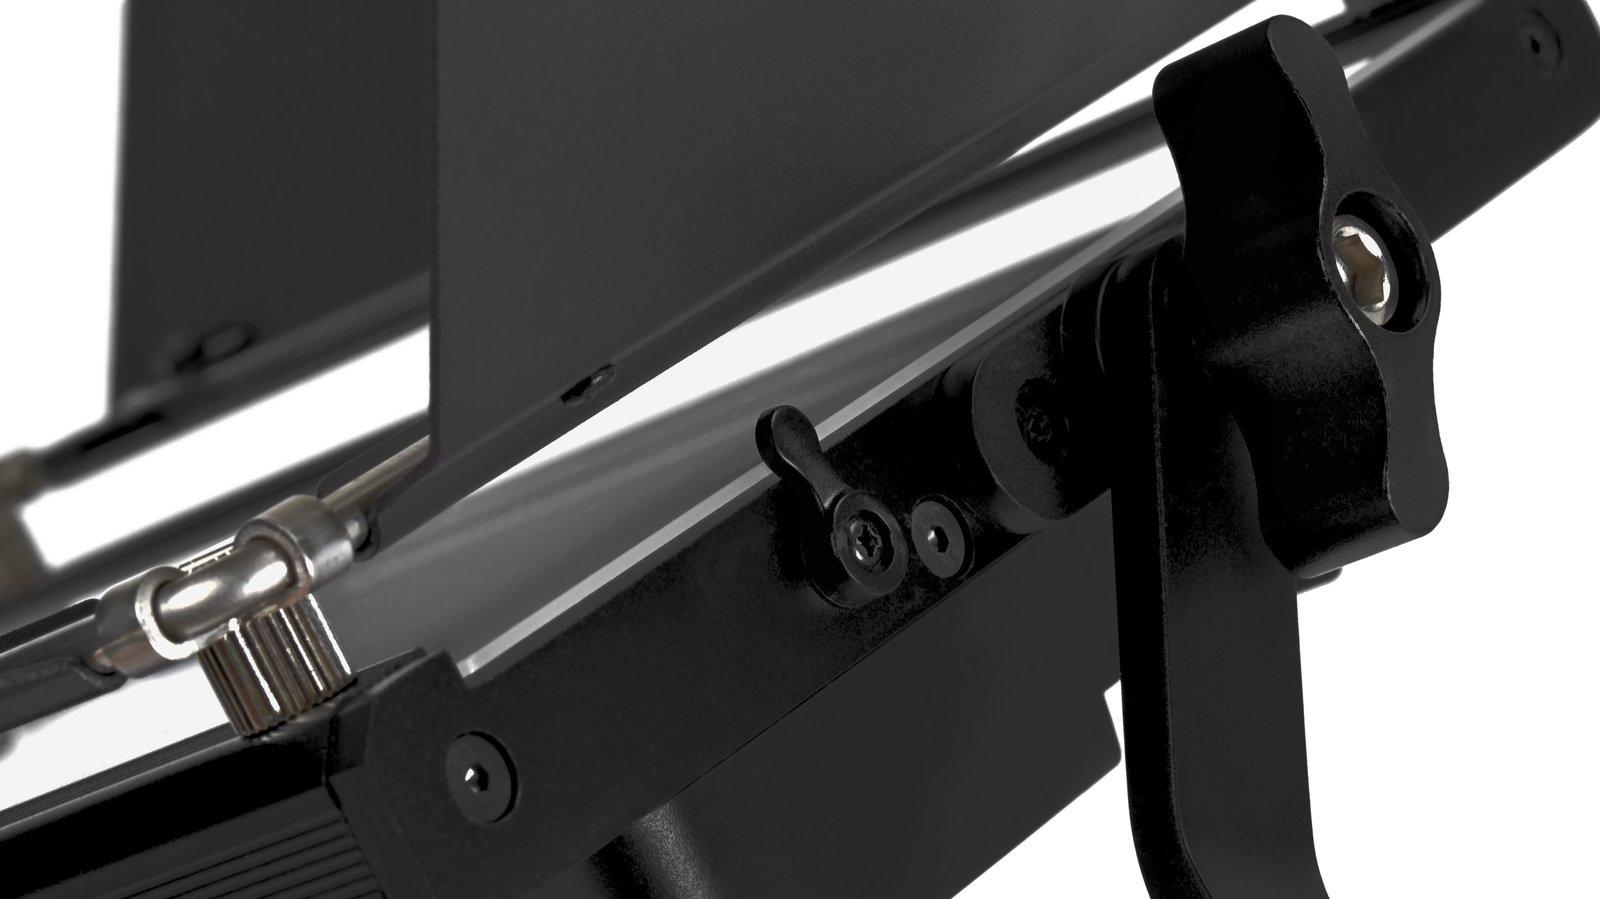 Die Acrylglasscheibe lässt sich beidseitig herausziehen. Sie ist mit einem Auswurfschutz gesichert.